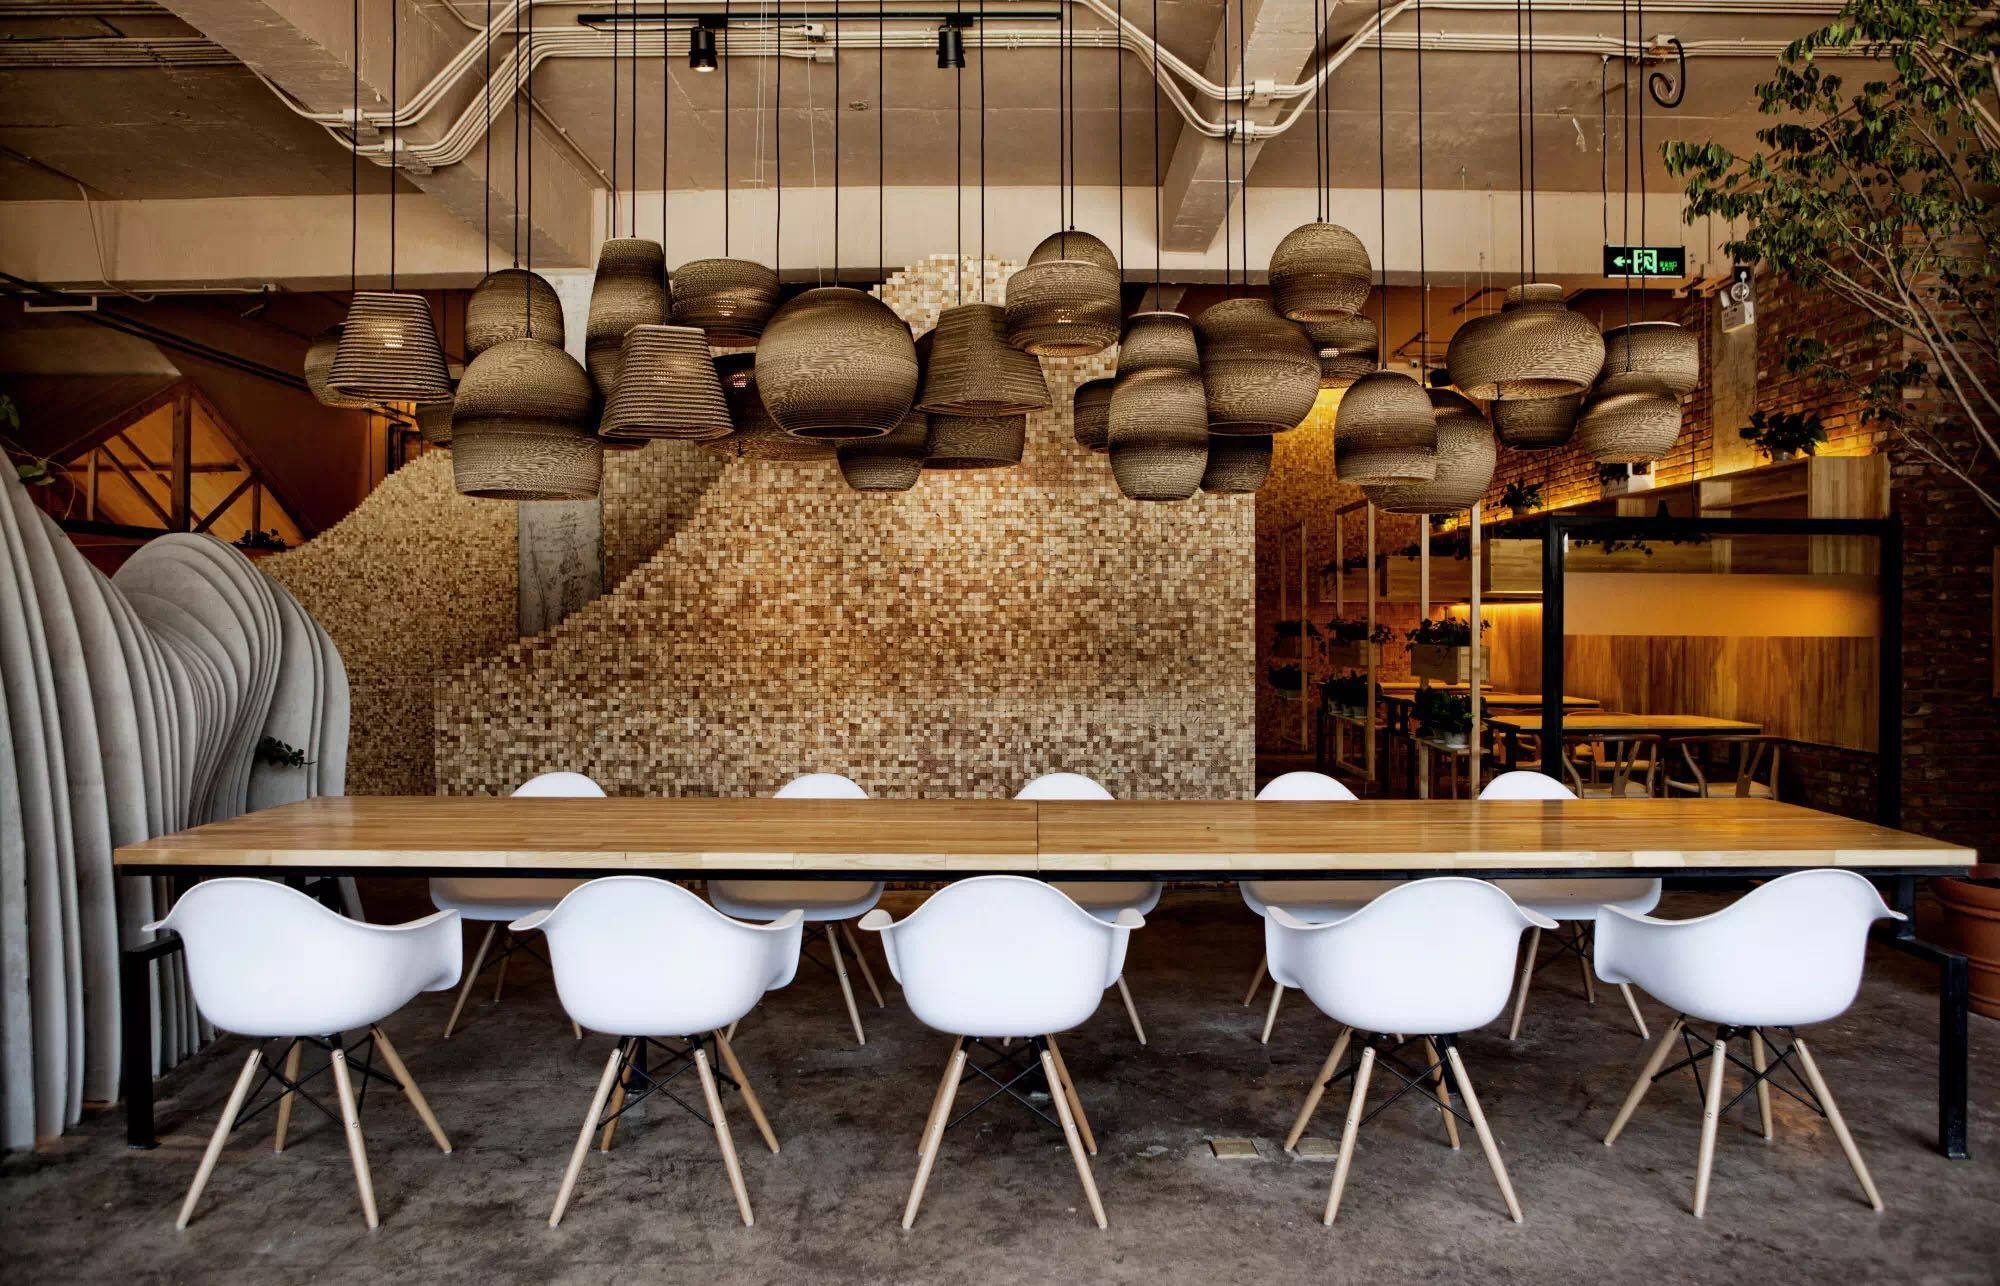 香山下的咖啡馆,诠释了诗与远方